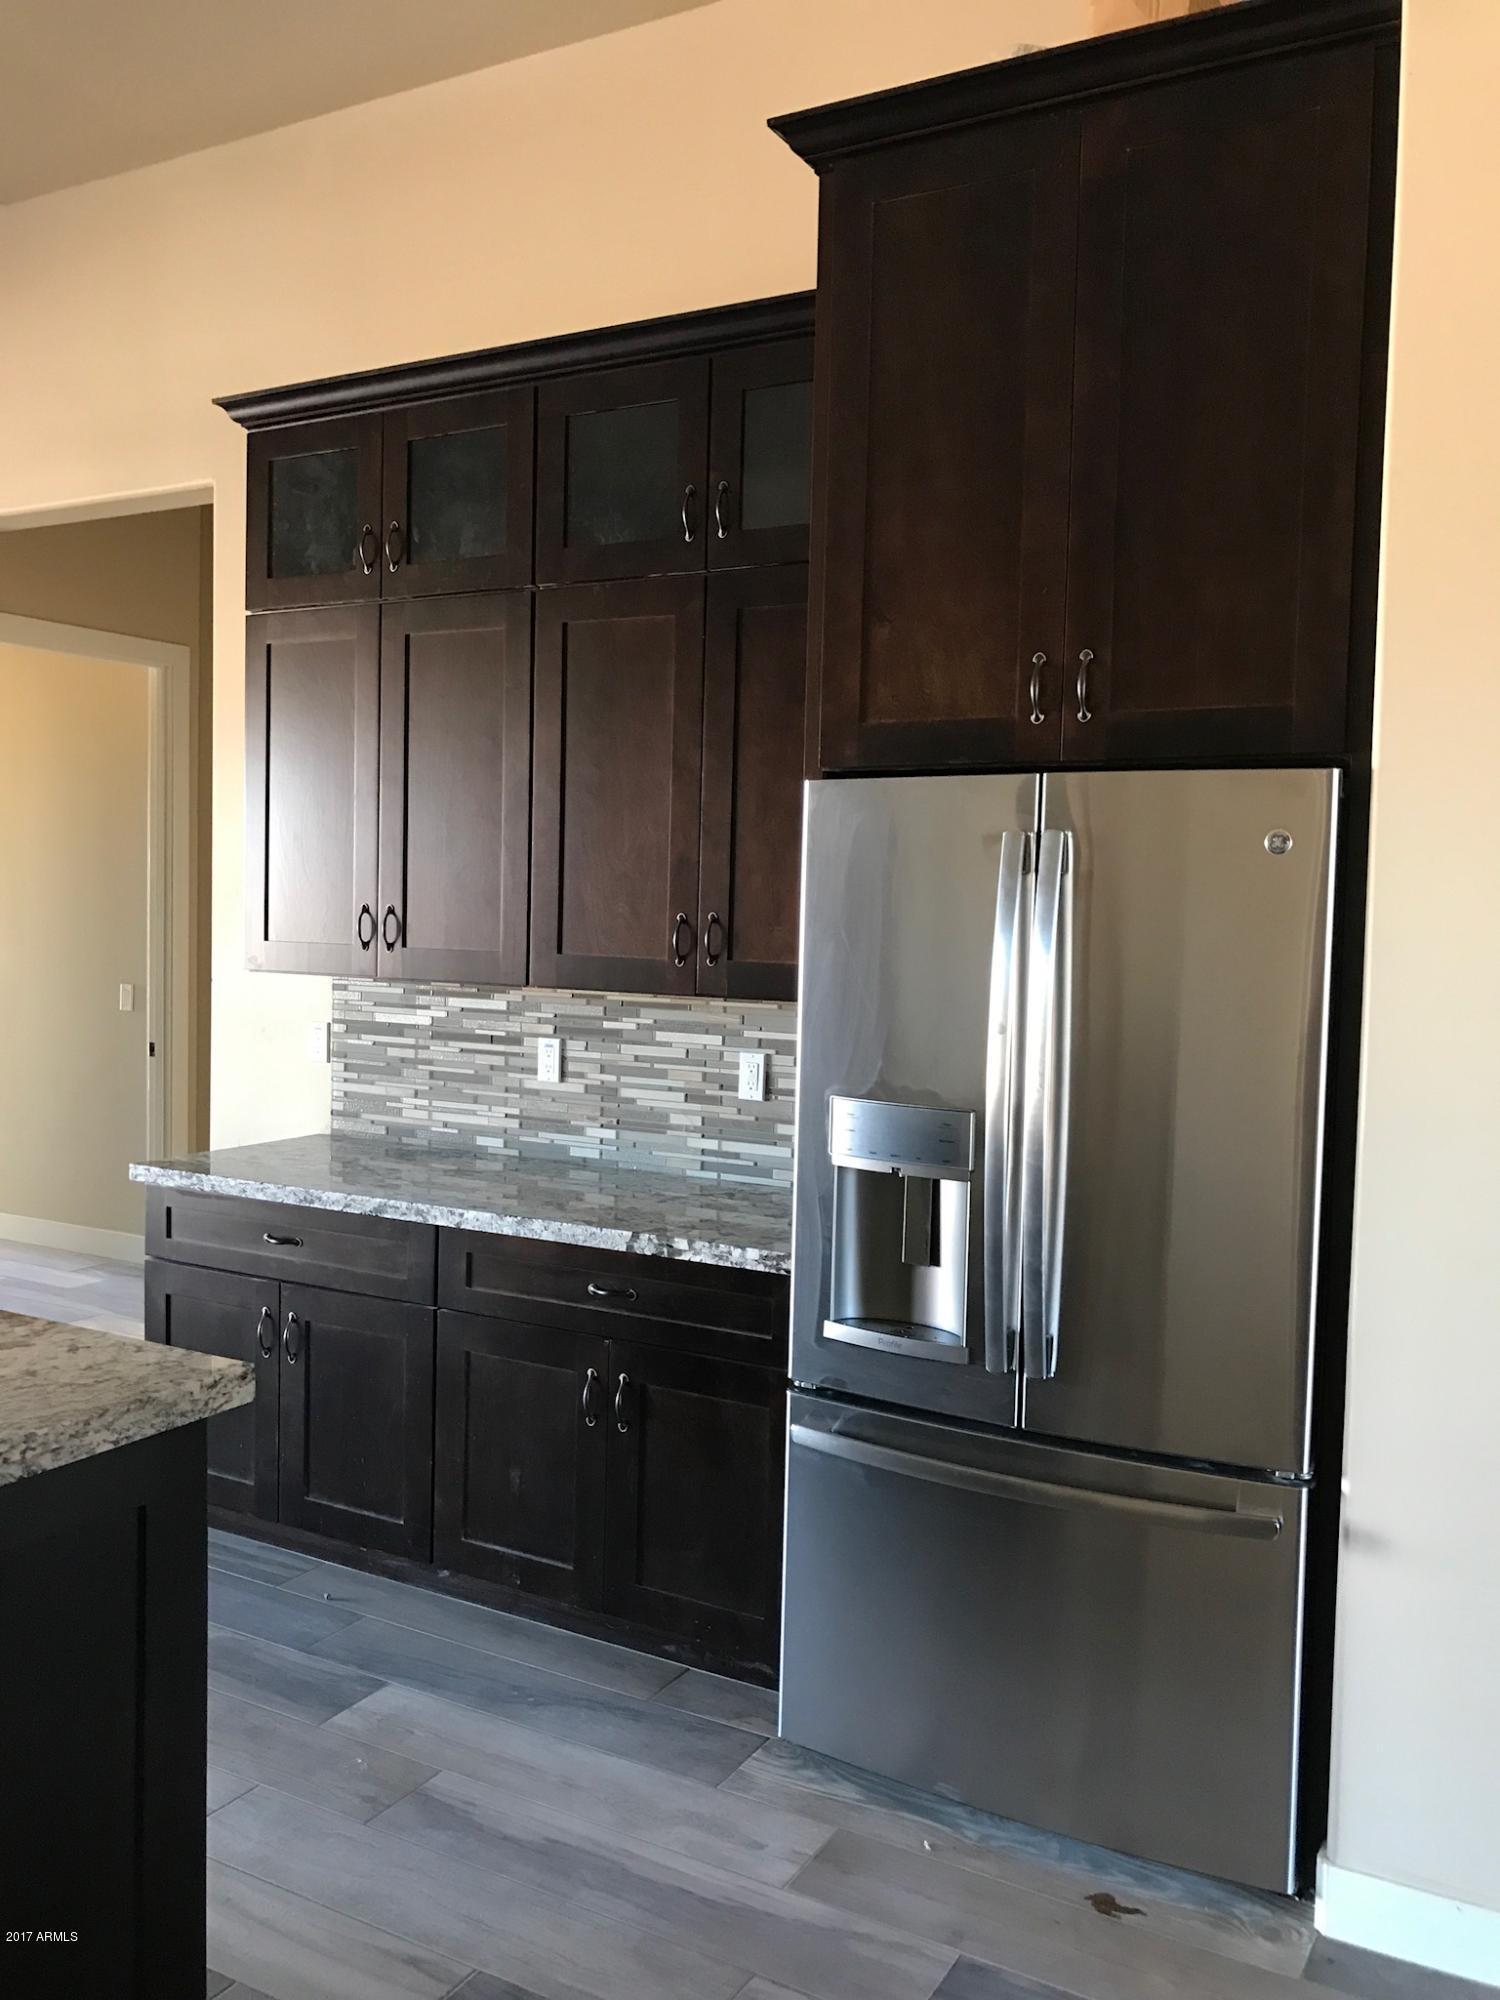 MLS 5662400 38707 N 29thth Avenue, Phoenix, AZ 85086 Phoenix AZ Metes And Bounds